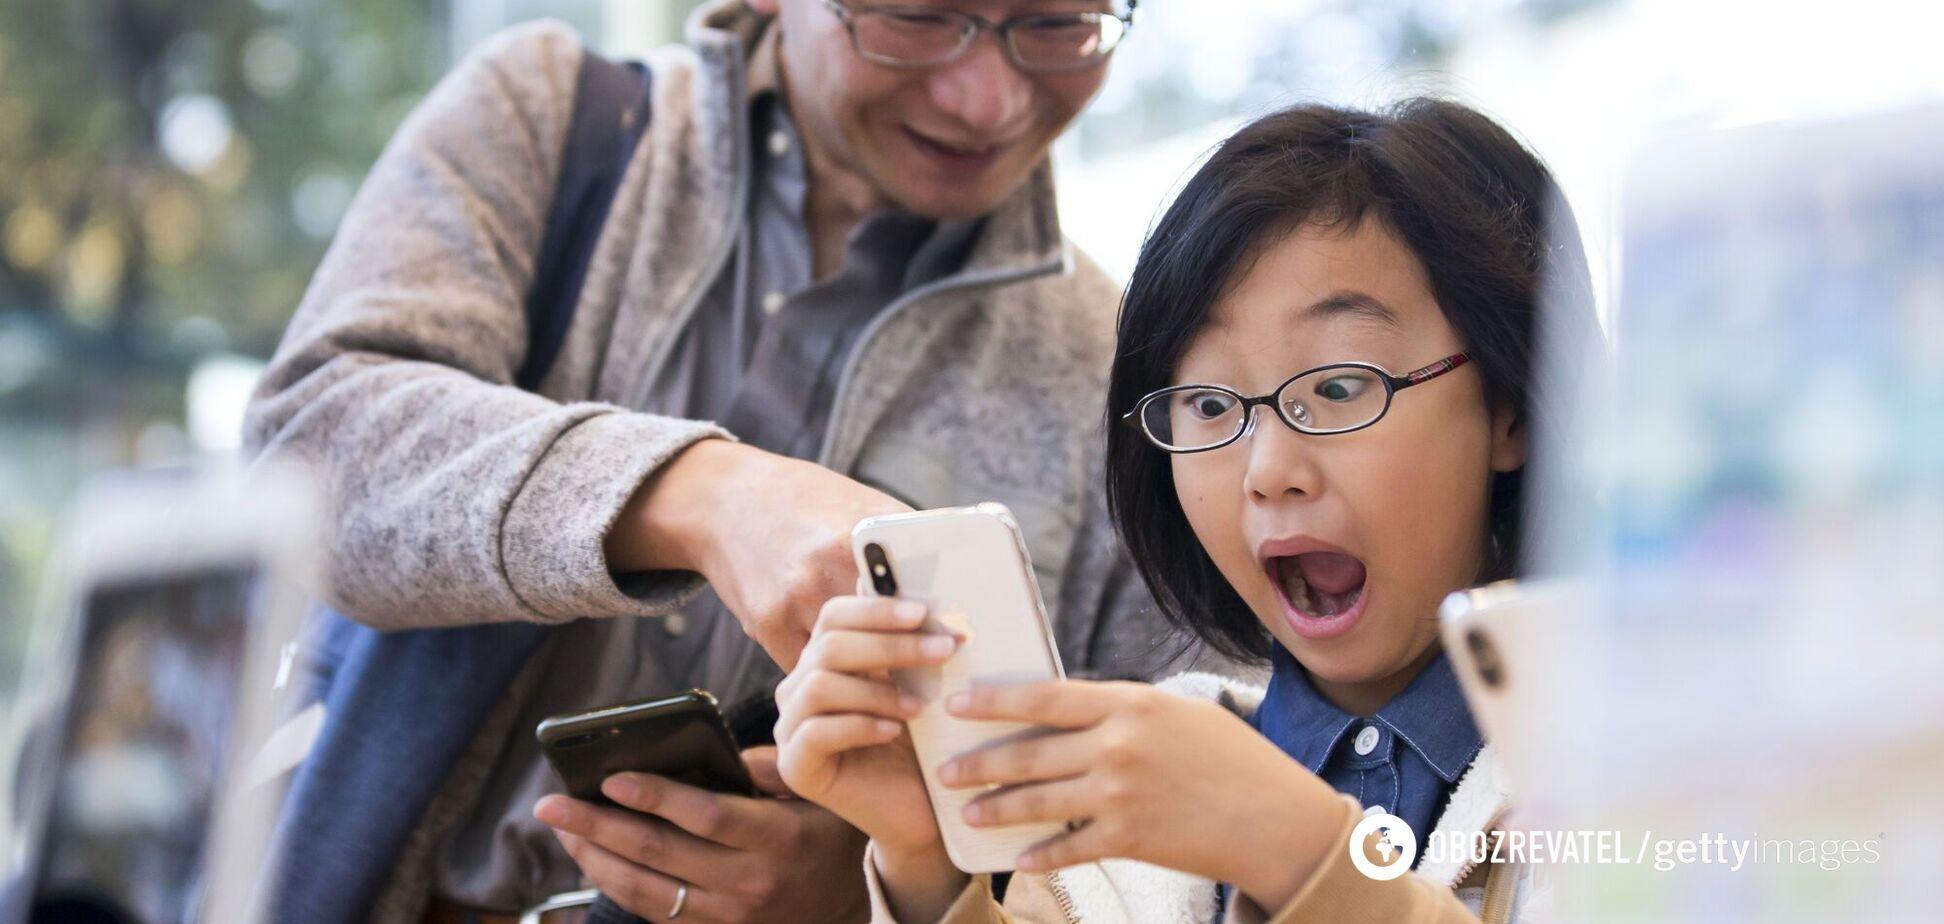 Какими будут новые iPhone в 2022-23 годах: подробности от инсайдера